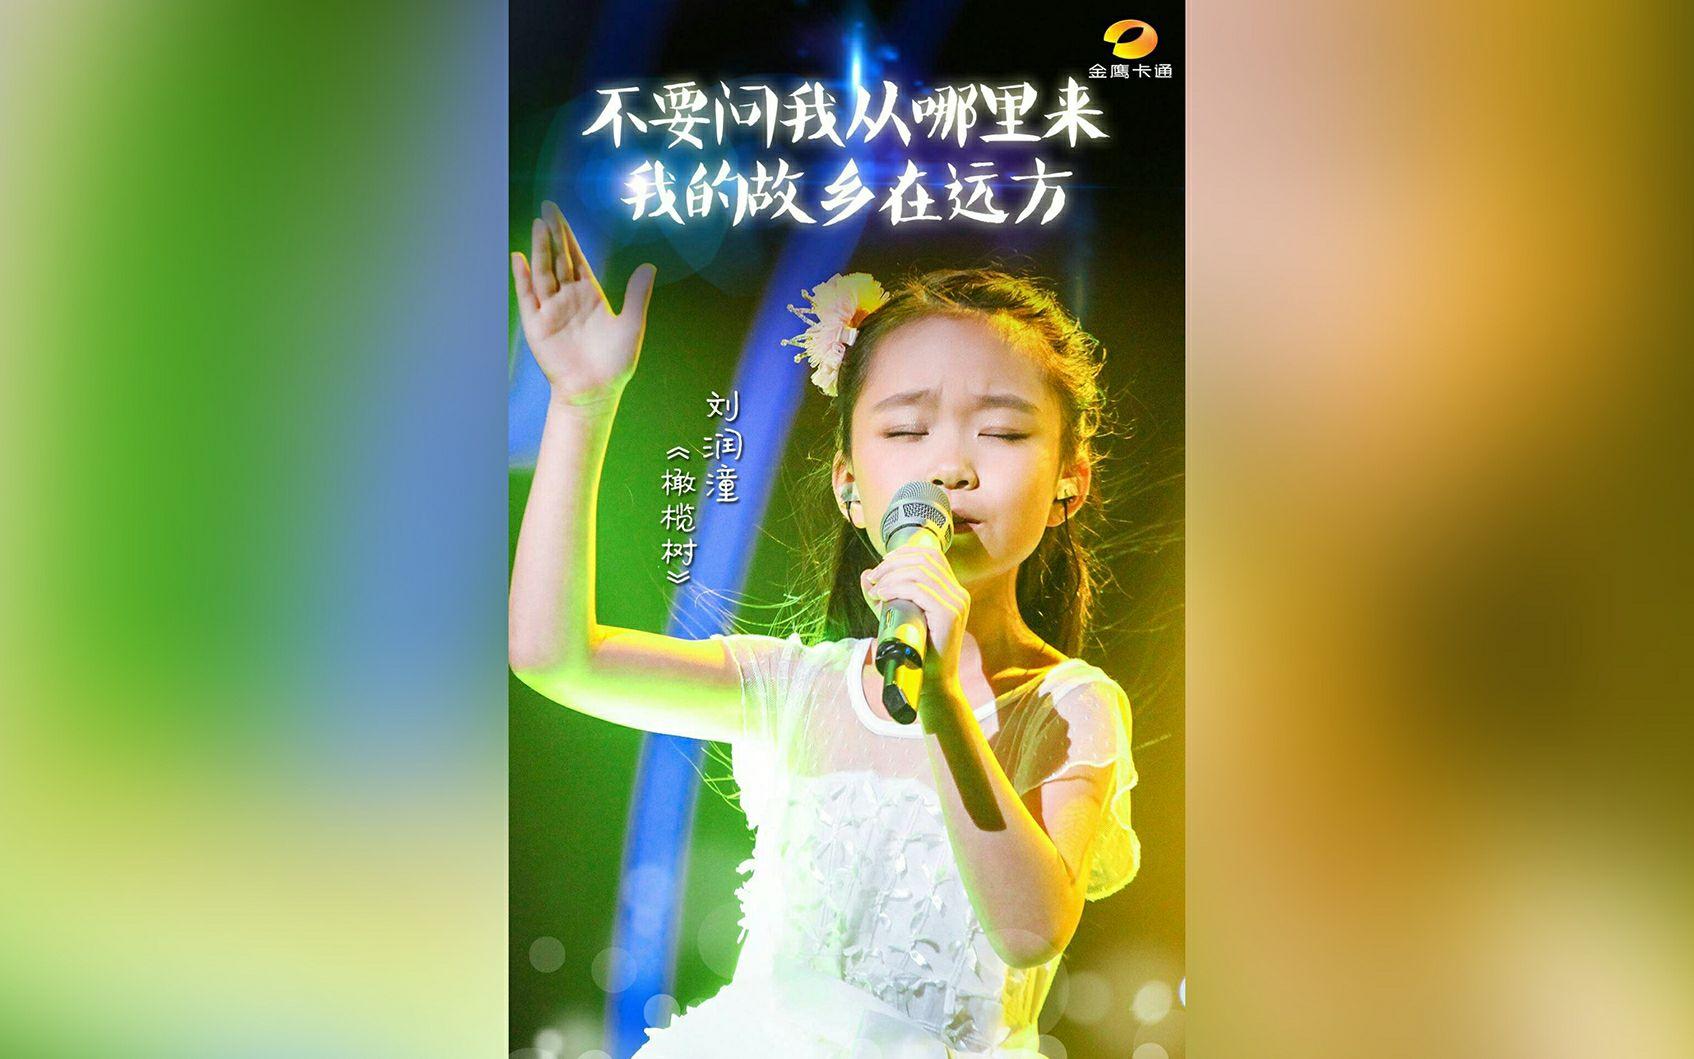 【中国新声代4】【刘润潼】橄榄树